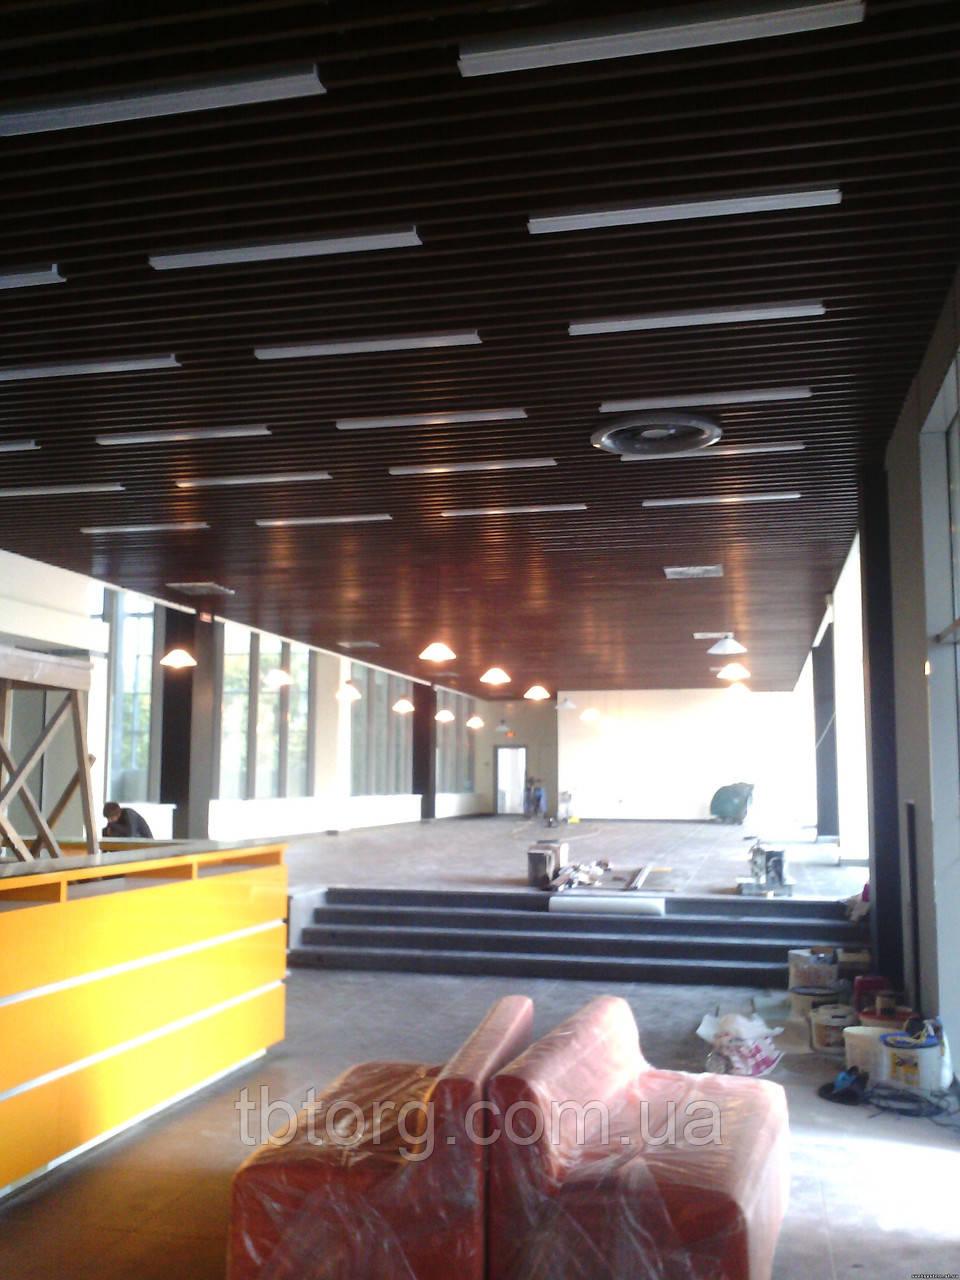 Кубообразная реечная отделка потолка